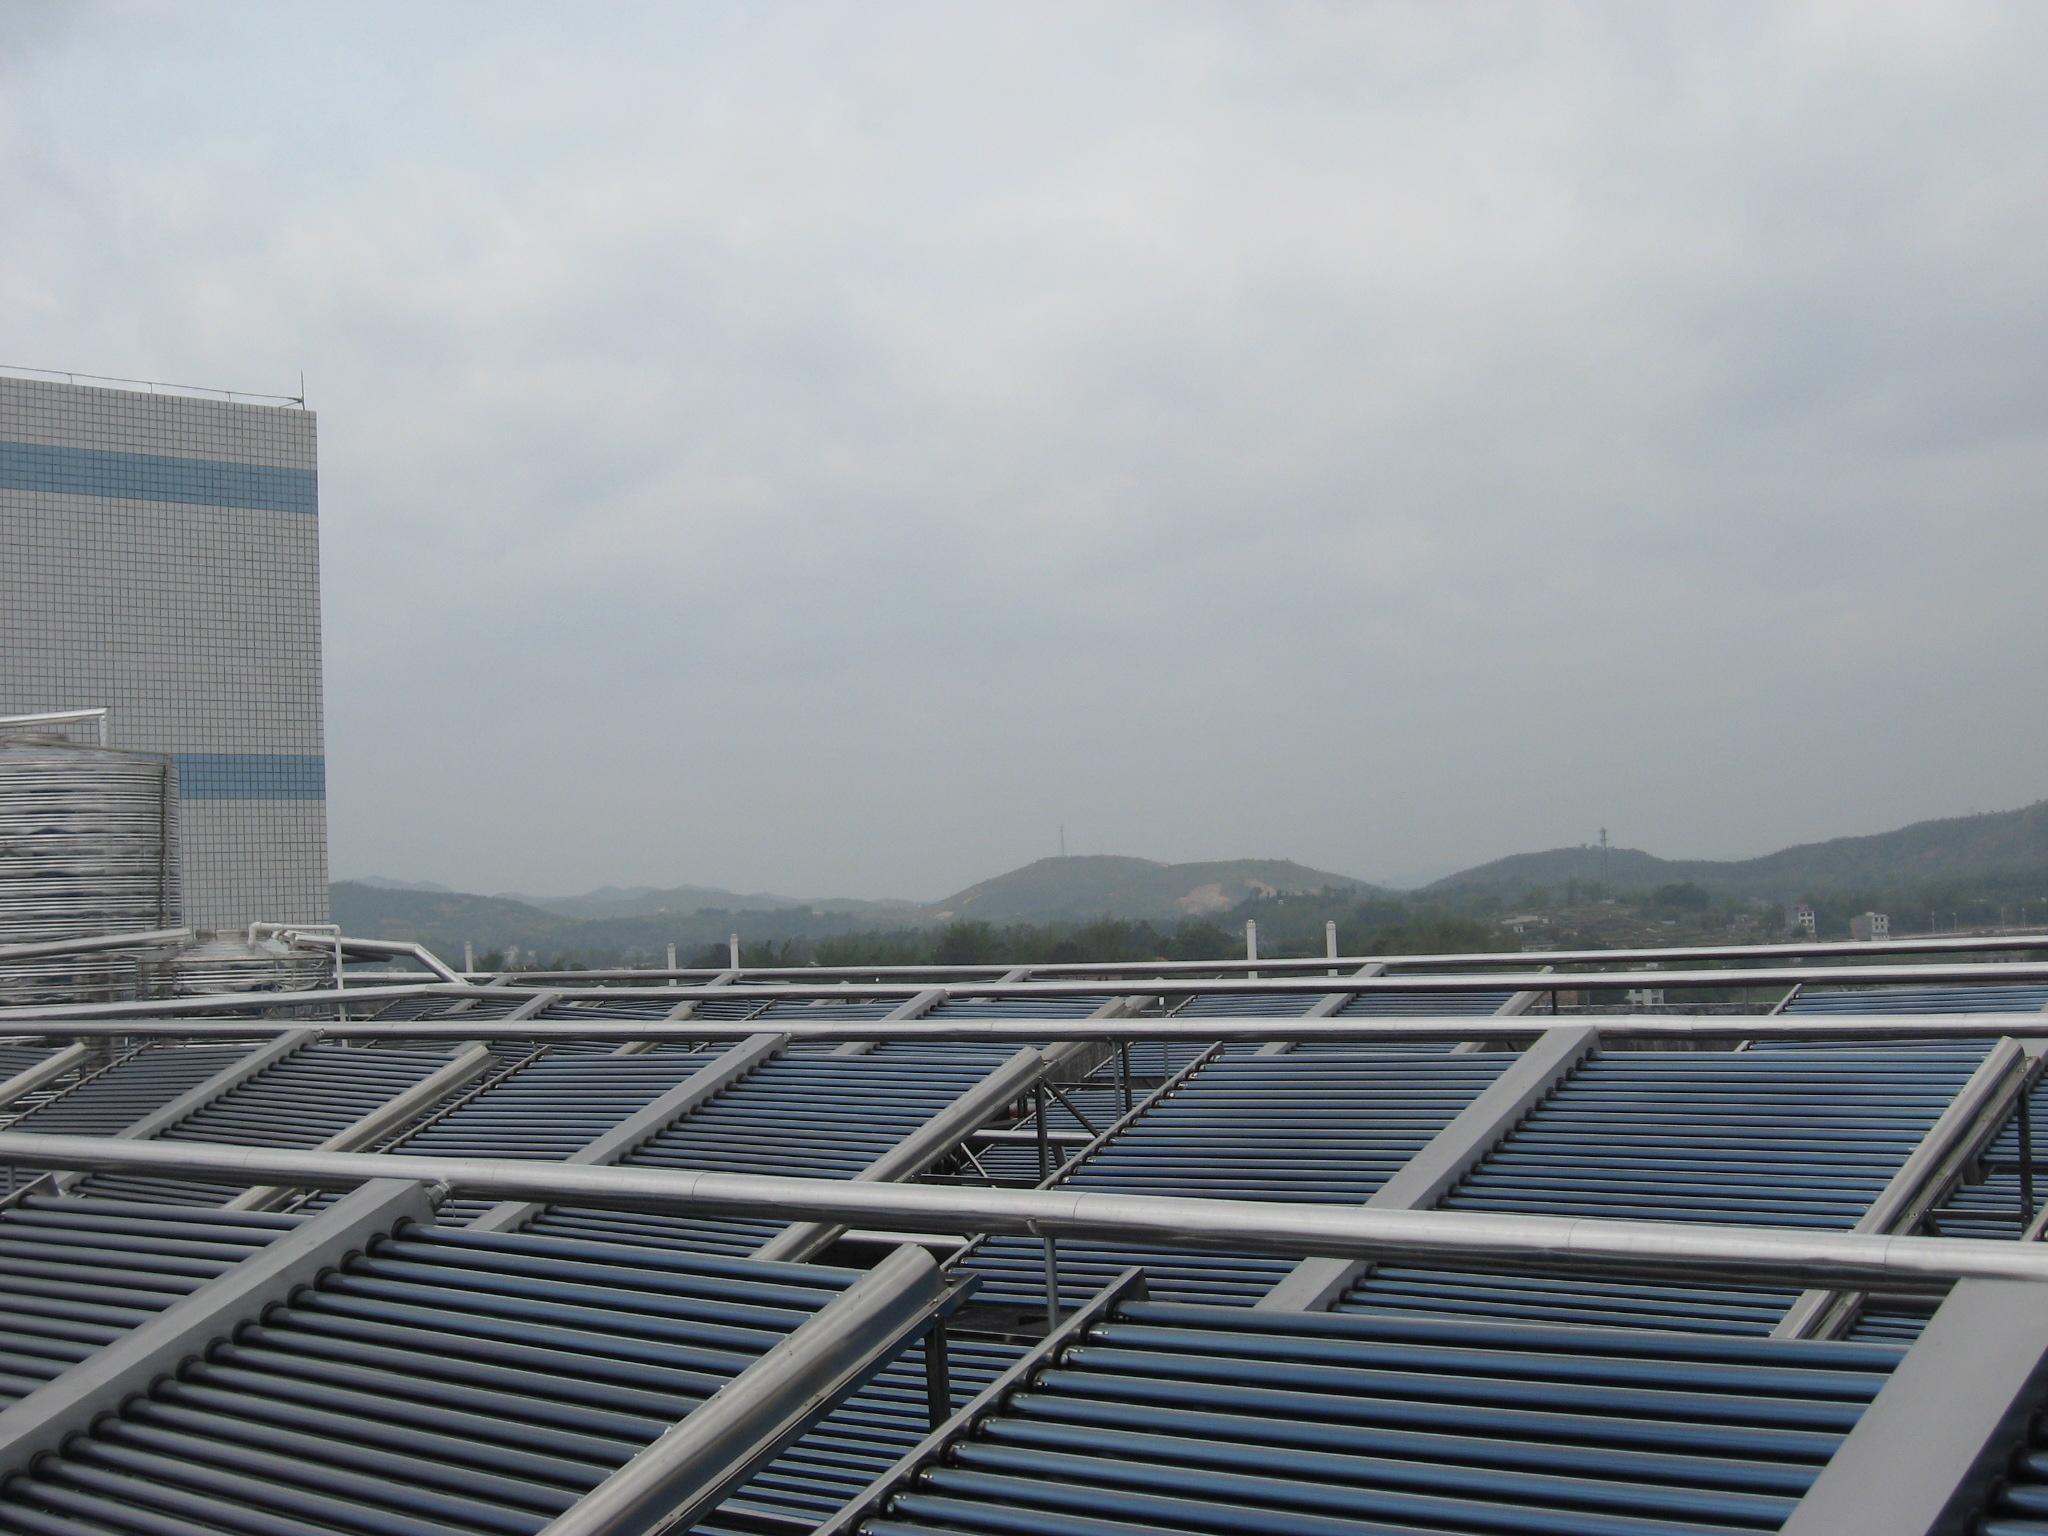 供应东莞太阳能热水器 空气能热泵热水器安装 厂家直销 热高清图片